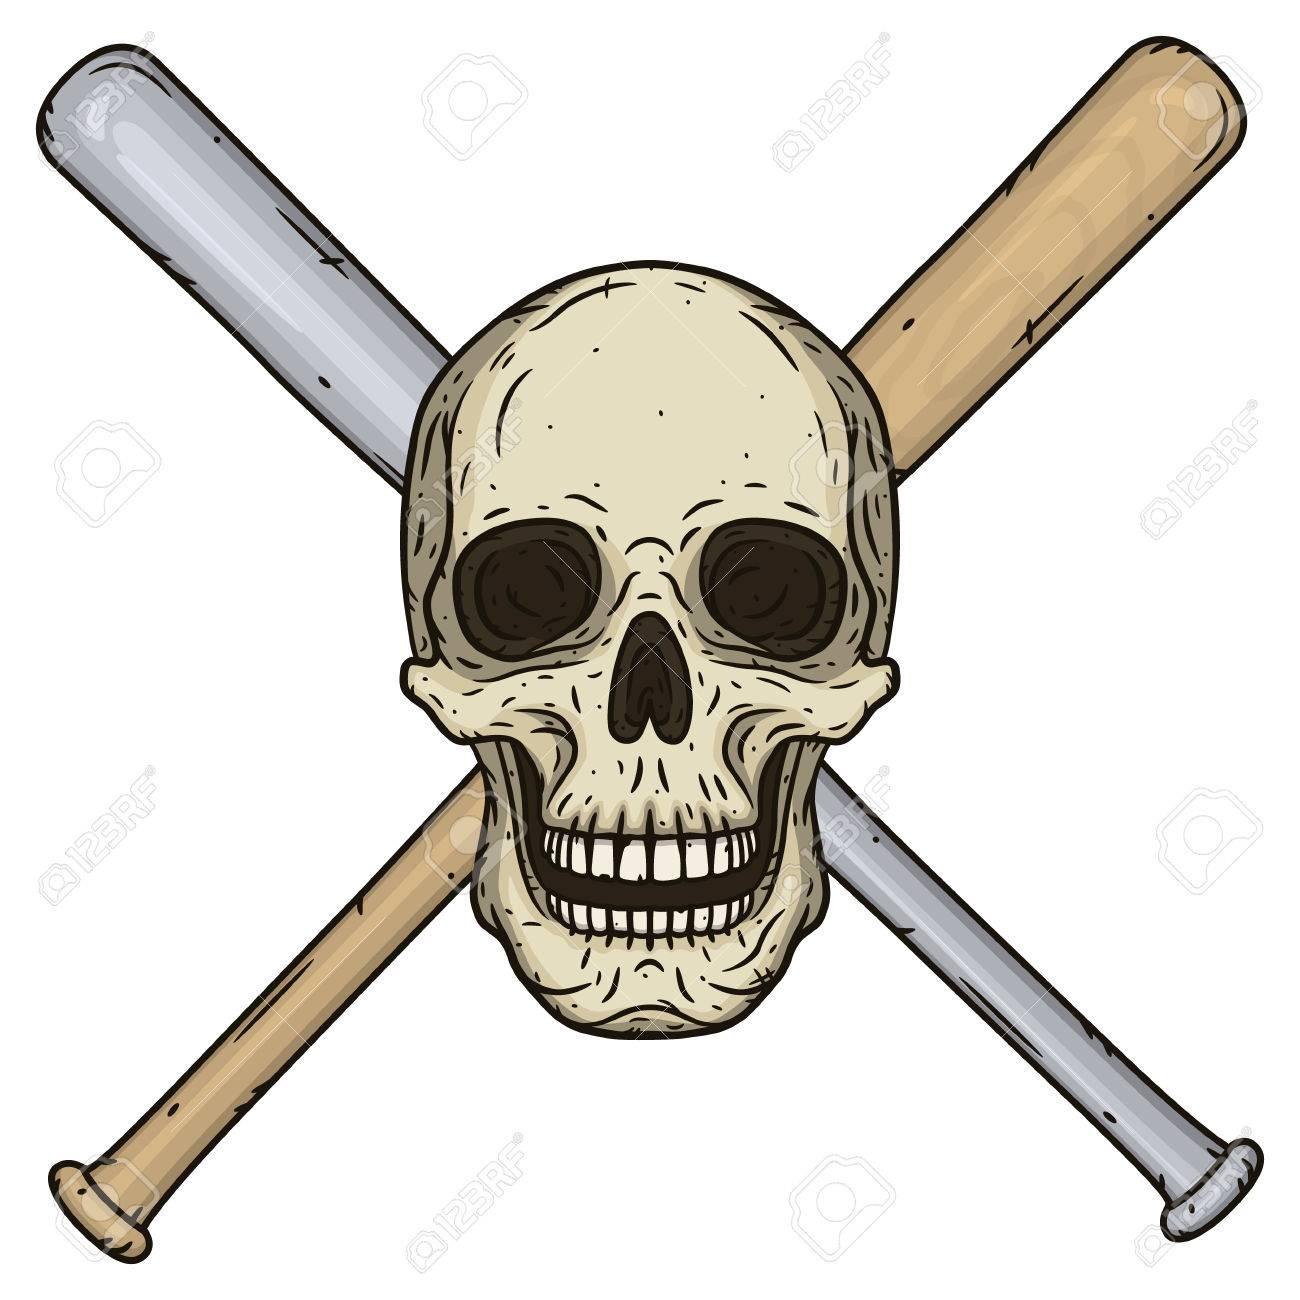 vector illustration of human skull with crossed baseball bats rh 123rf com Baseball Bat Vector Logo Baseball Bat Vector Silhouette